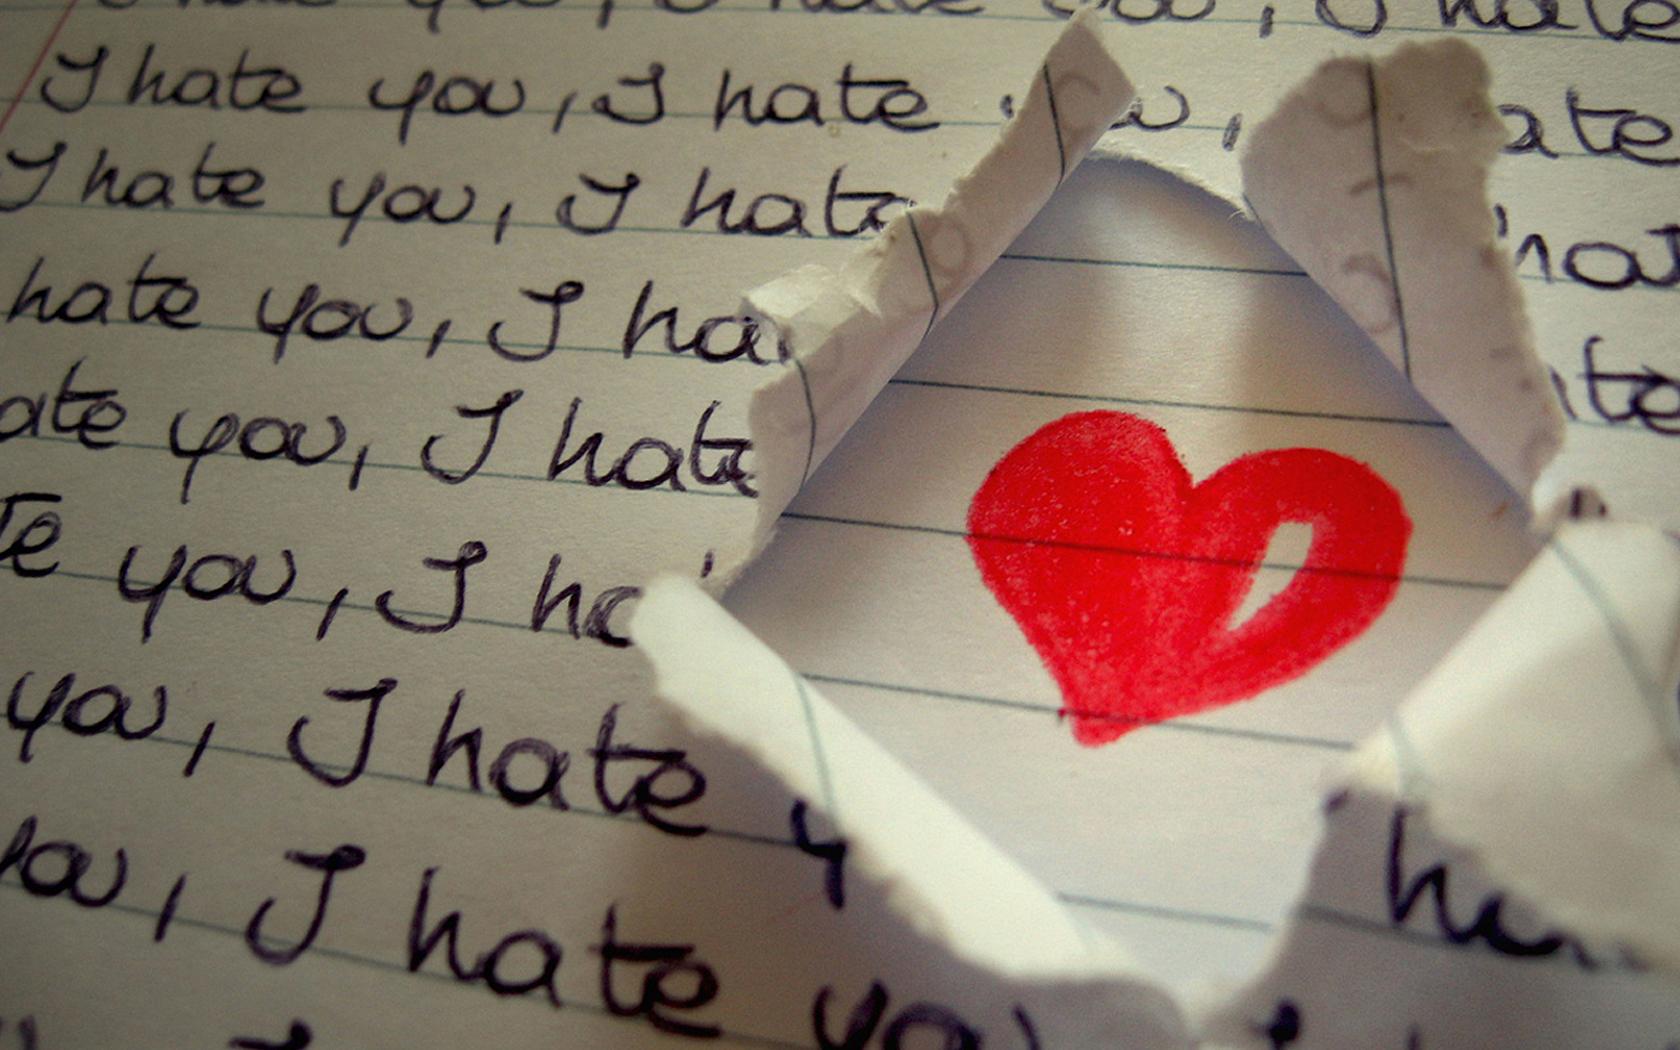 сердечко, лист бумаги, разорванный